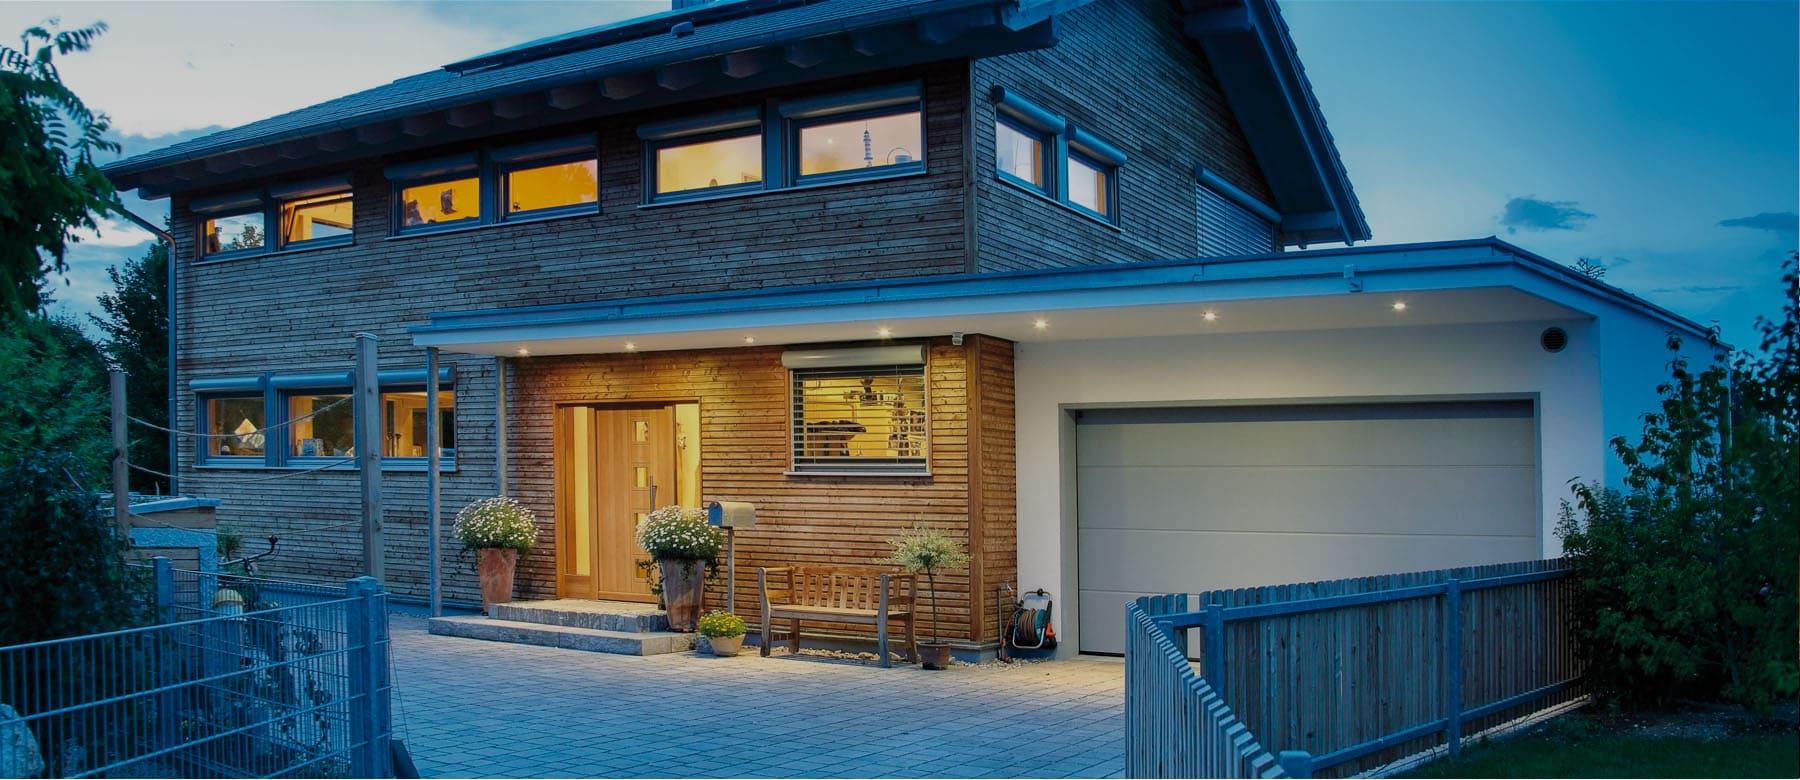 Bauen sie ihr holzhaus passivhaus plusenergiehaus mit for Modernes holzhaus